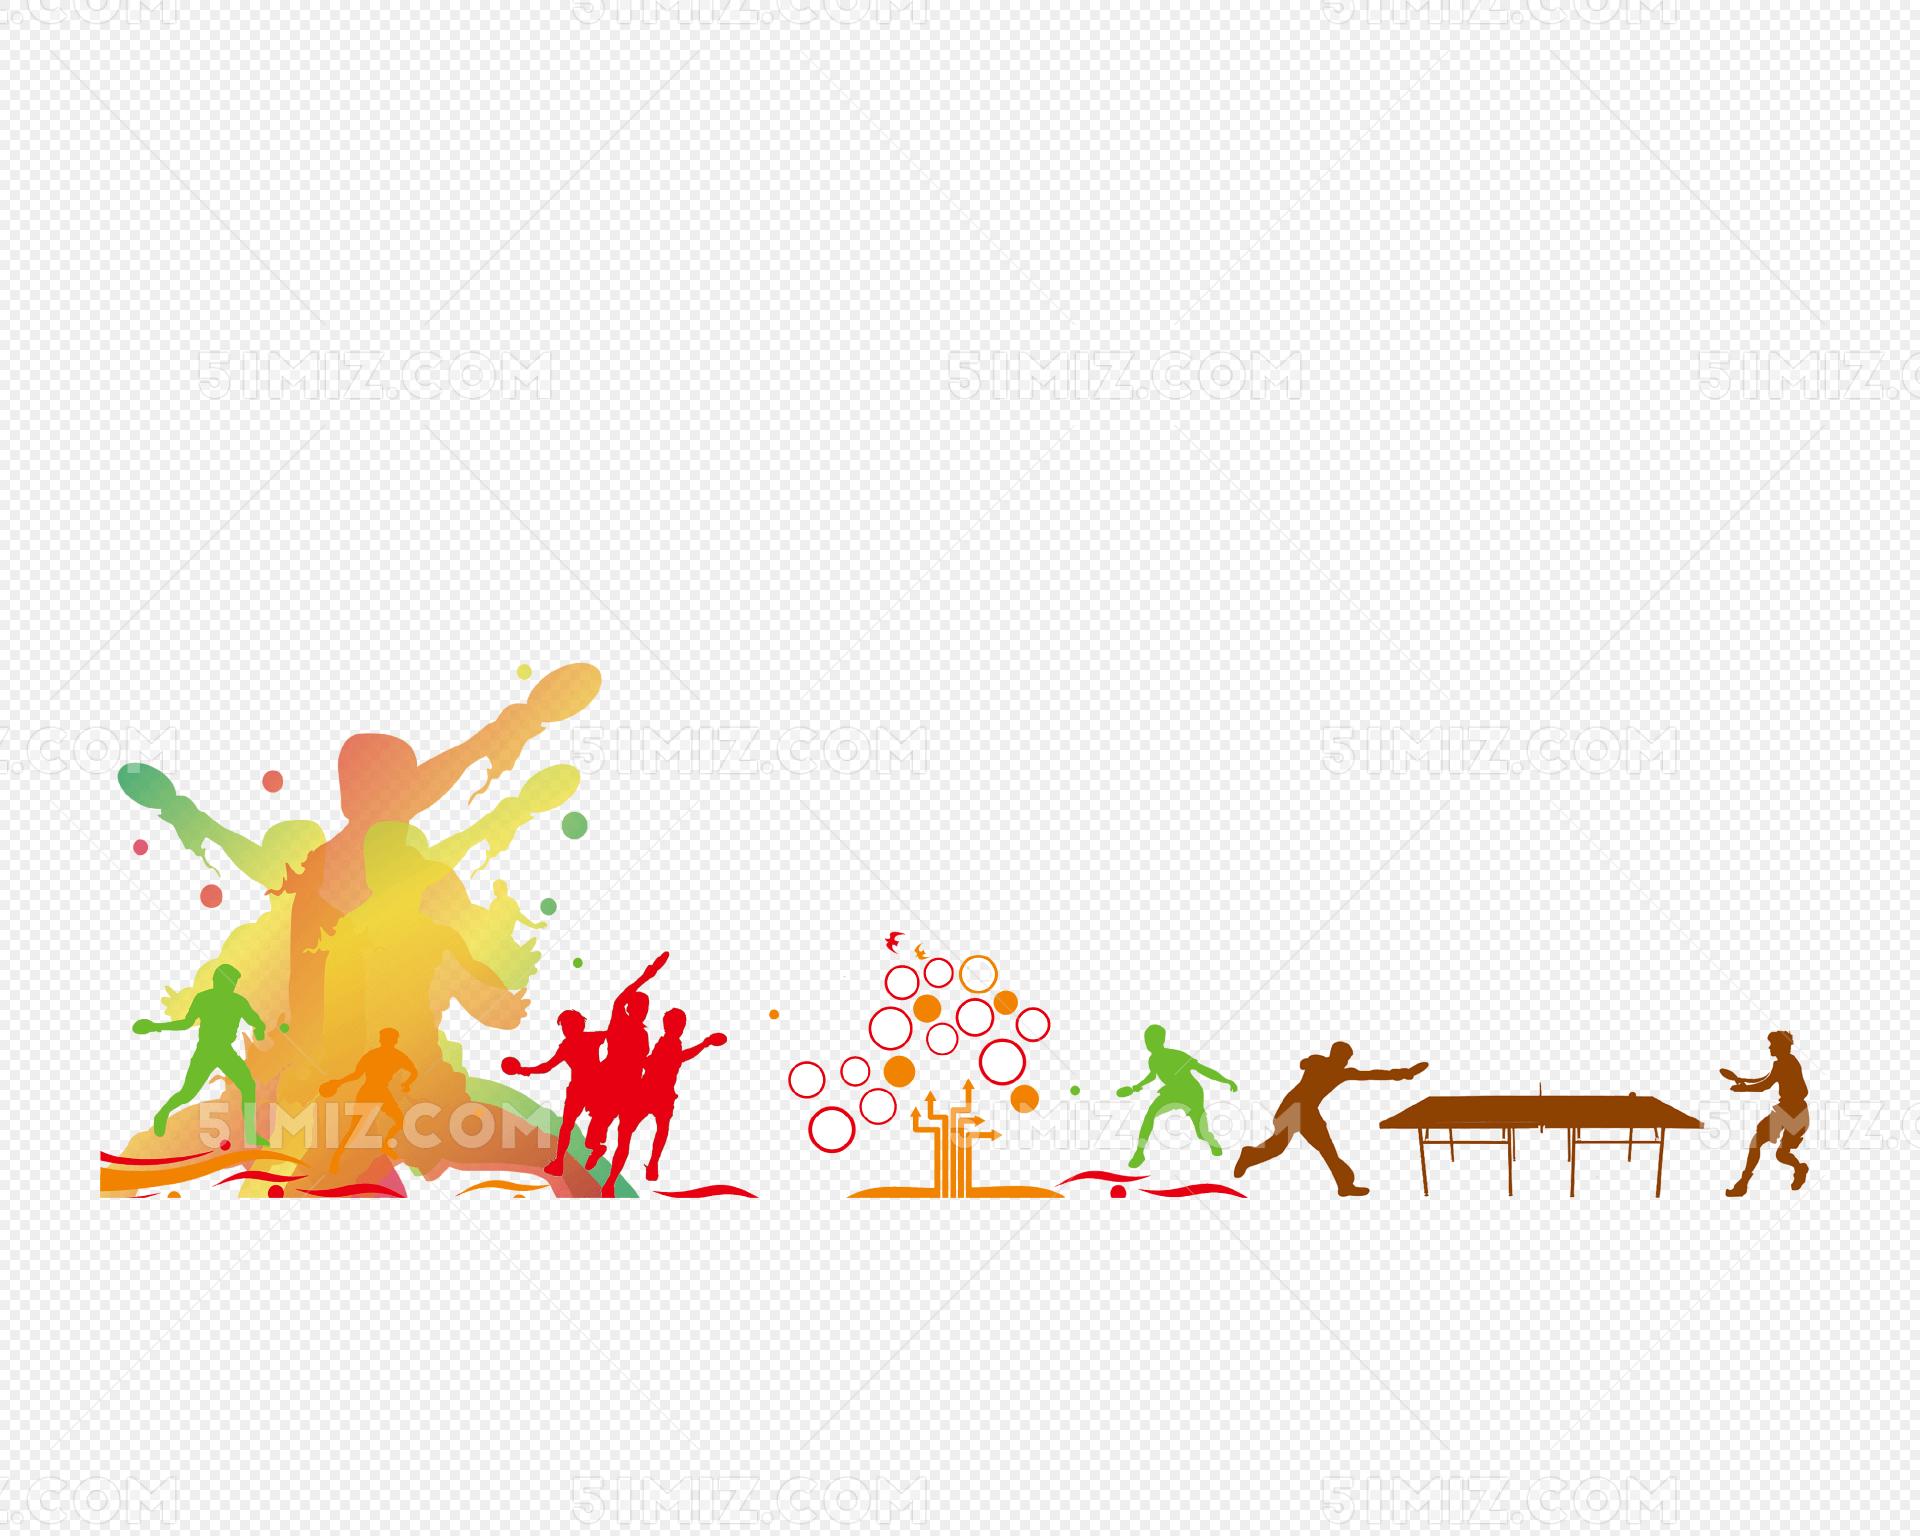 水彩创意体育运动海报背景